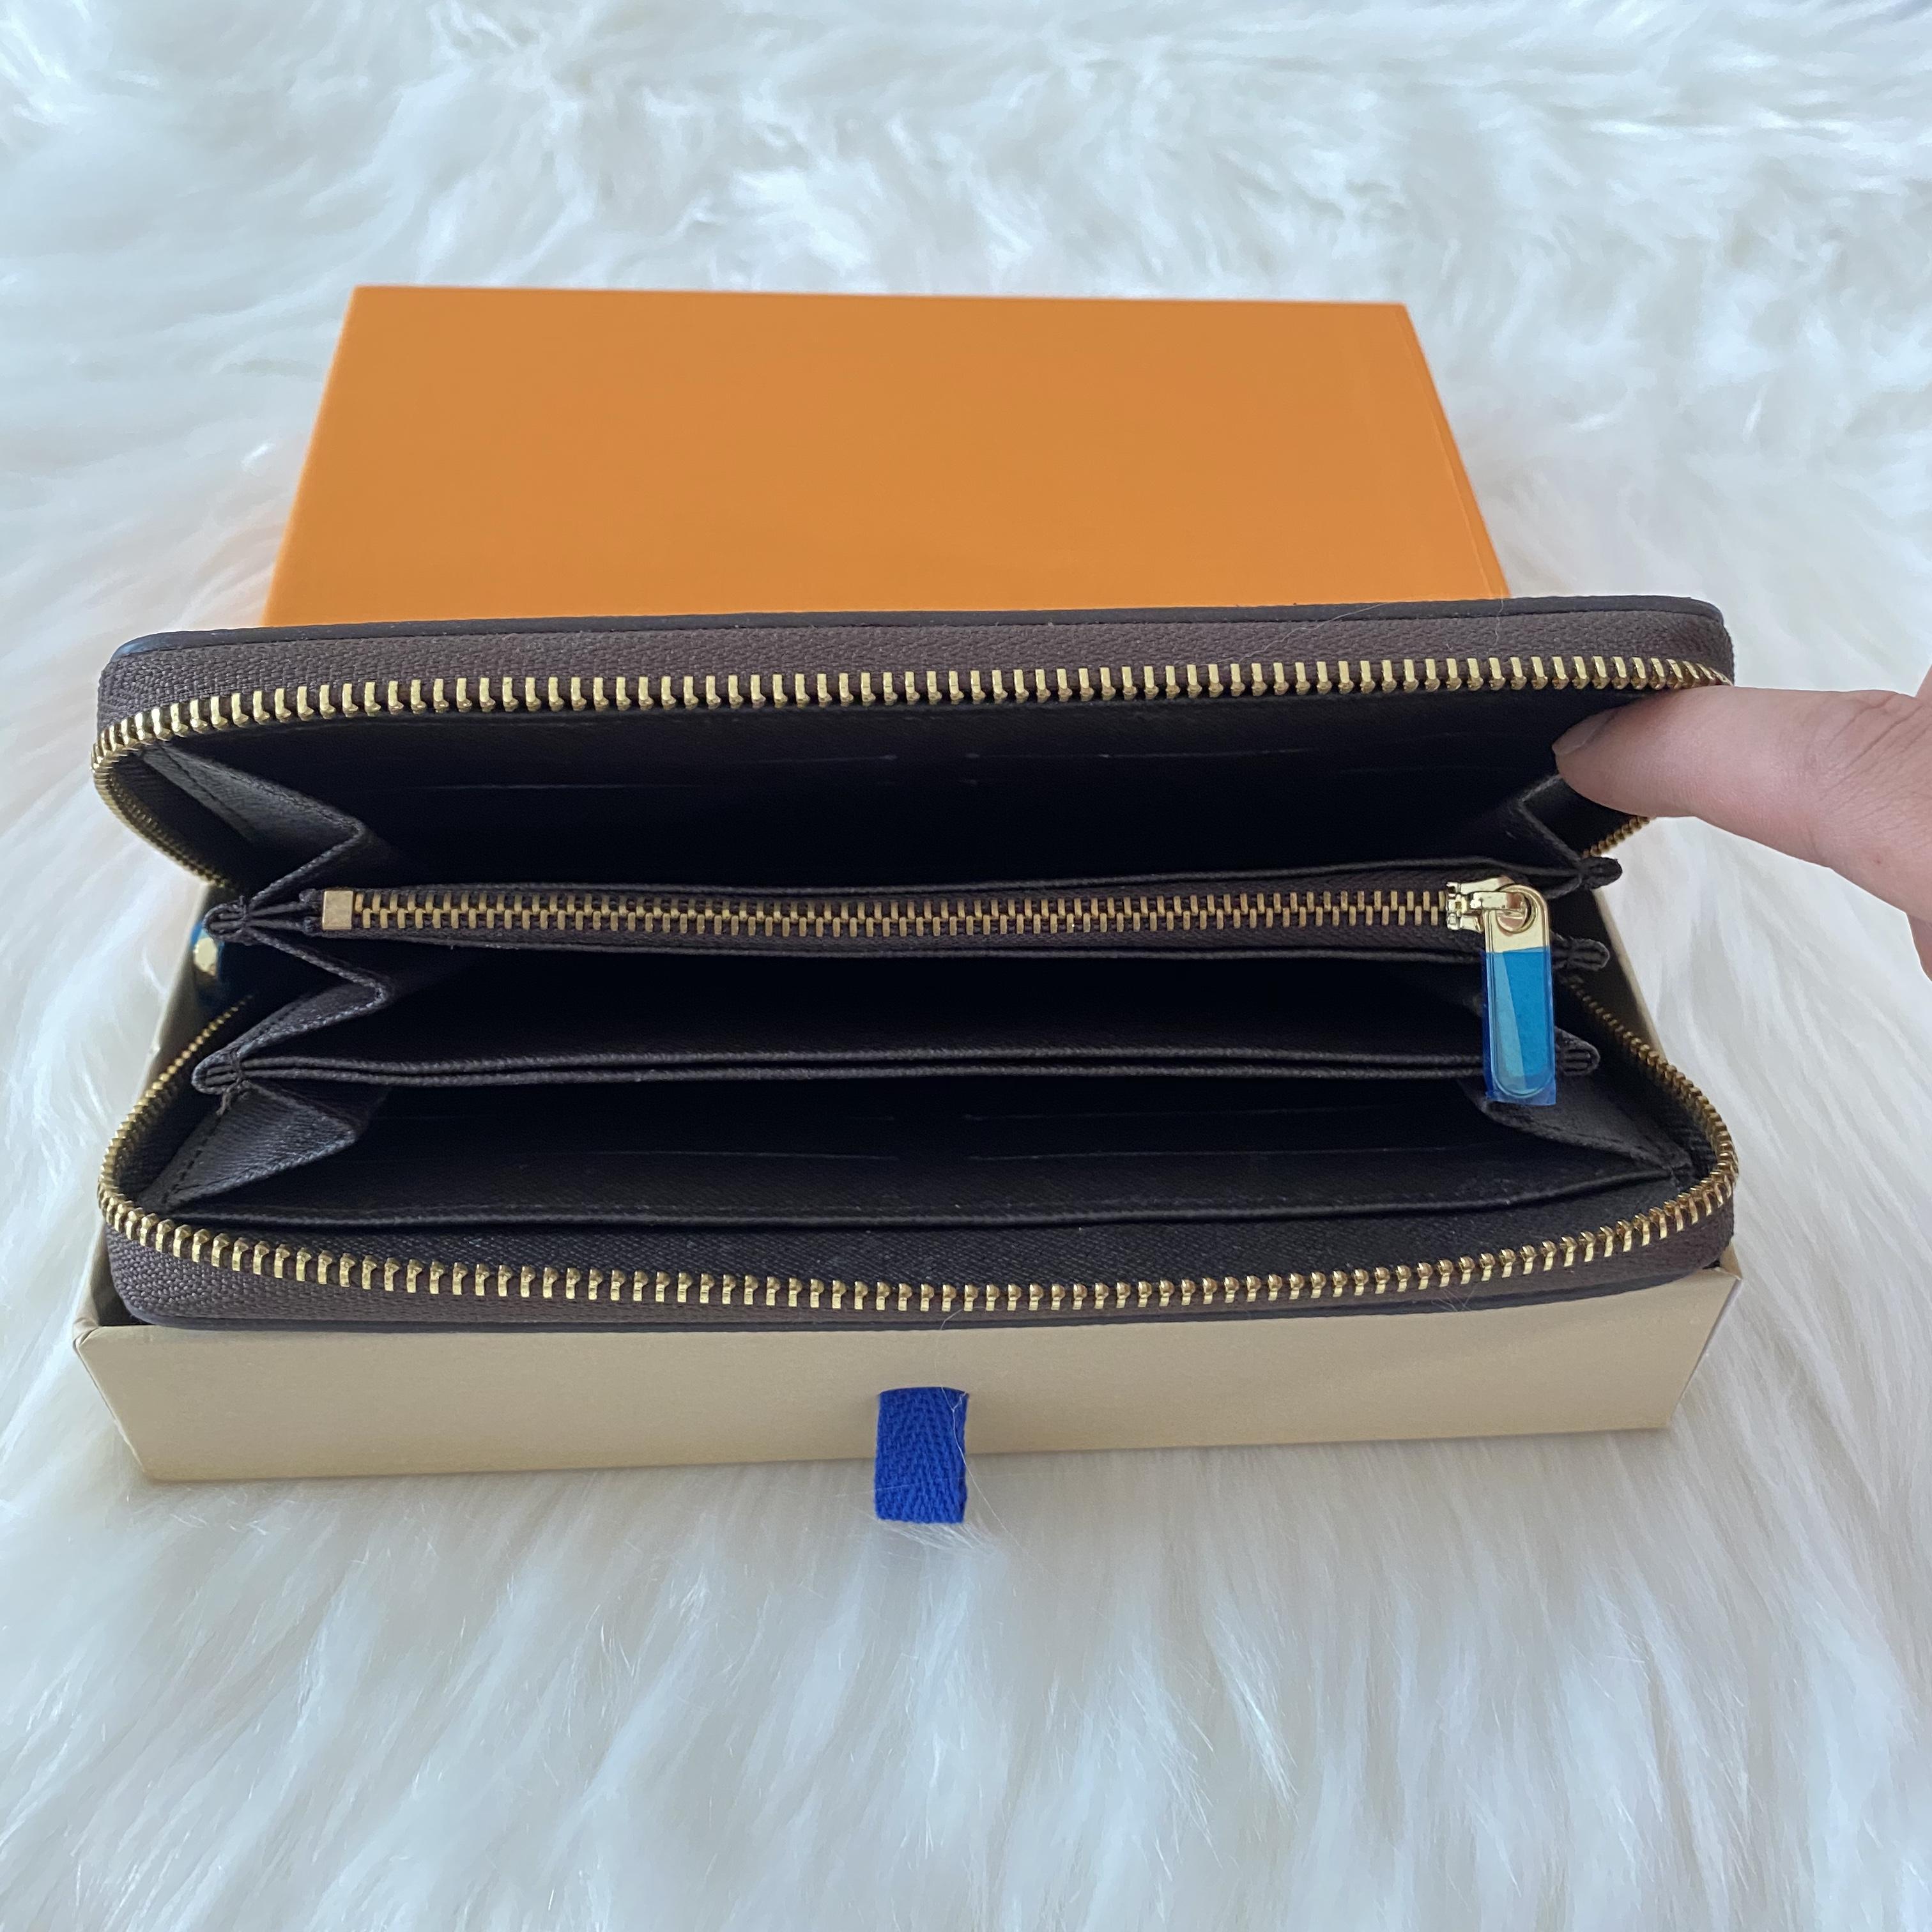 شحن مجاني بالجملة براون طويل محفظة متعدد الألوان عملة محفظة حامل البطاقة مربع الأصلي رجل الكلاسيكية سستة الجيب المسلسل المحافظ